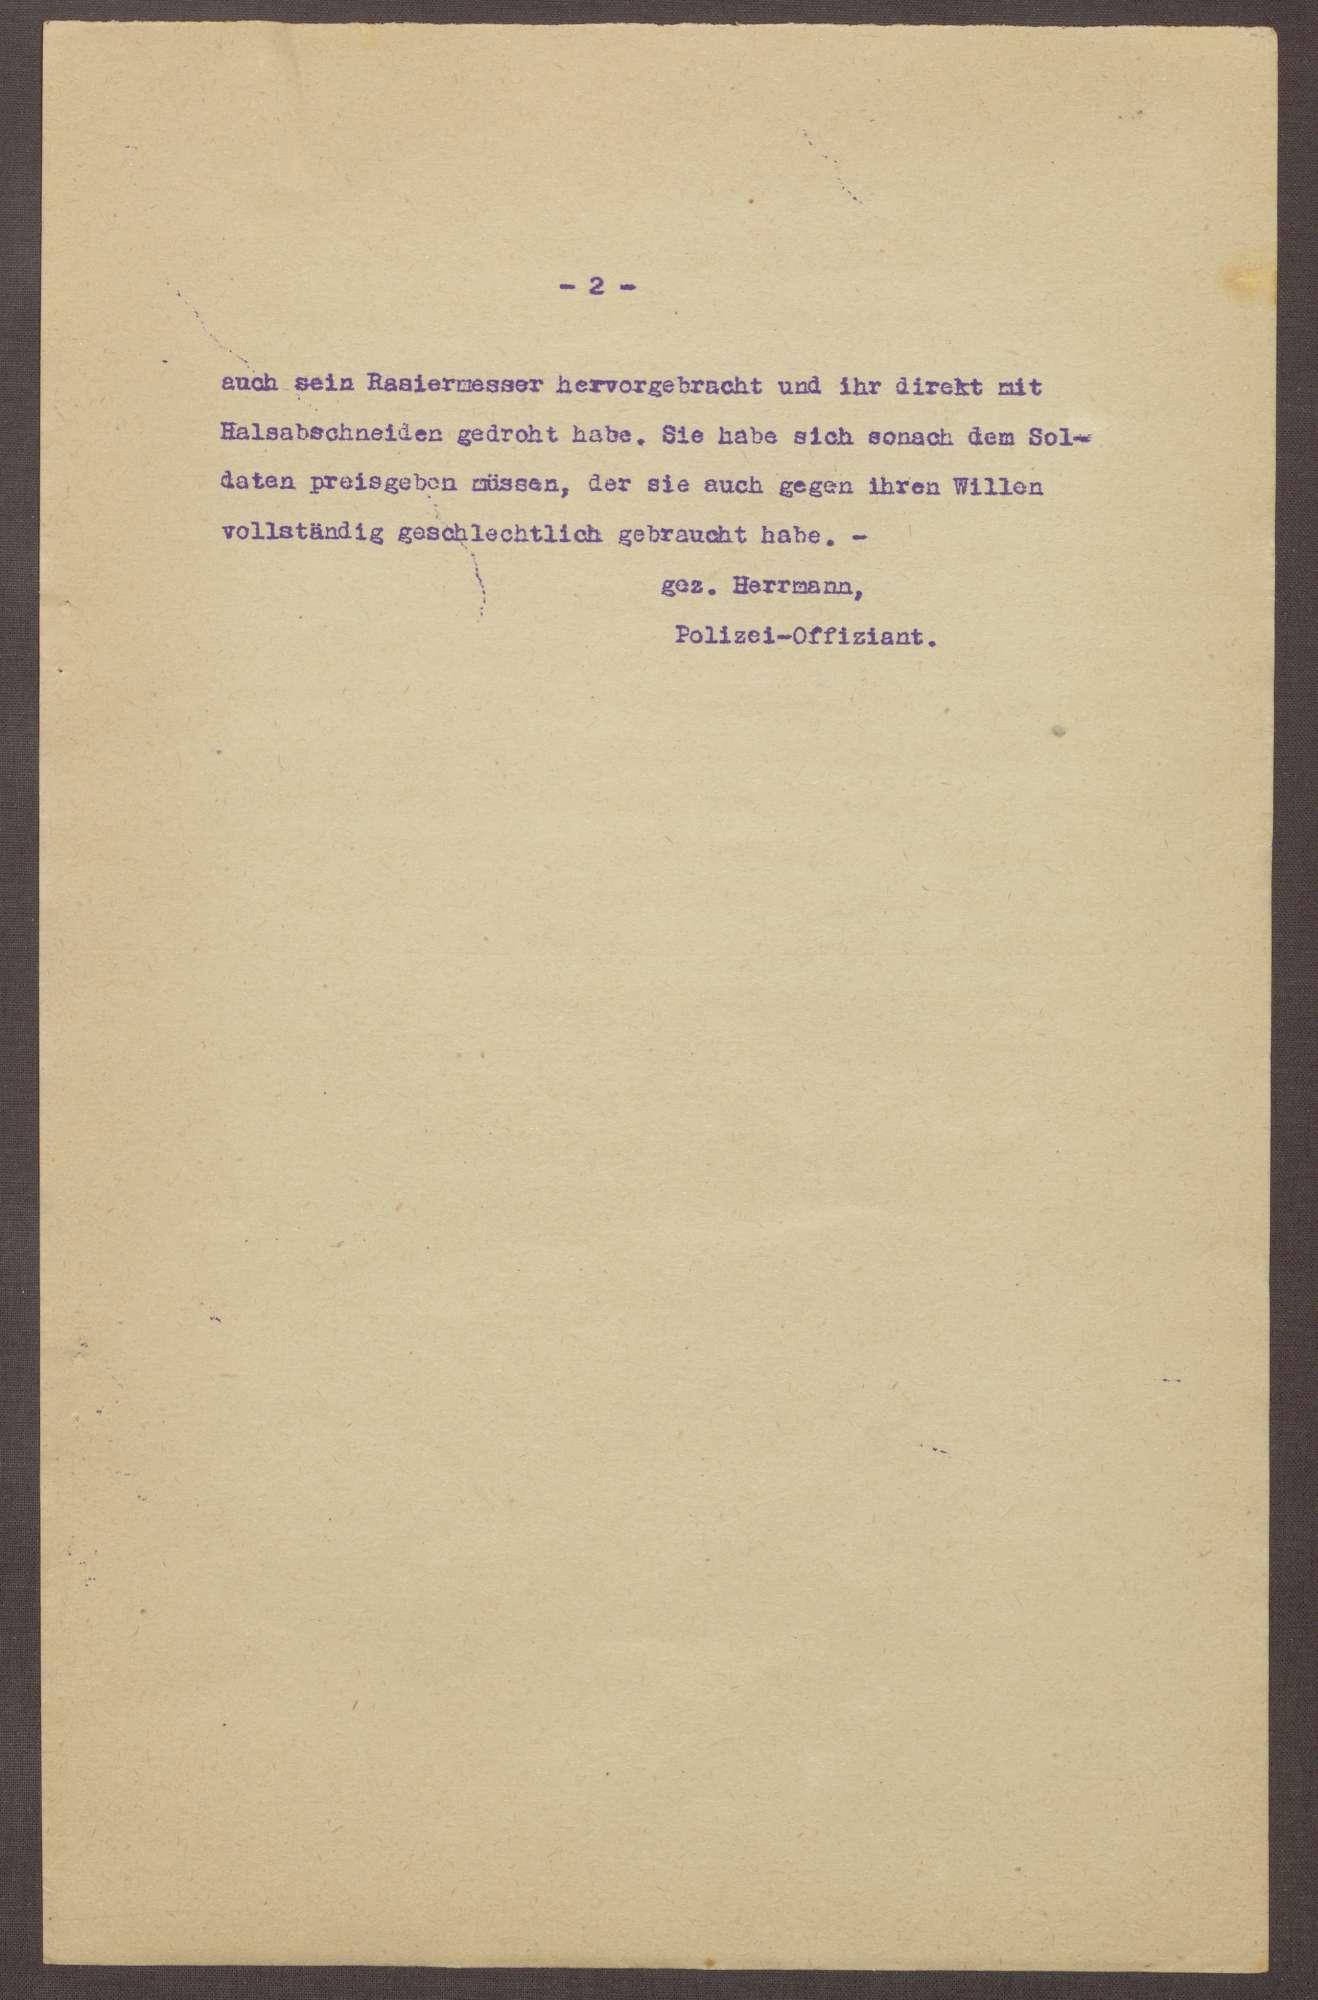 Polizeibericht über eine Vergewaltigung in Ludwigshafen, Bild 2